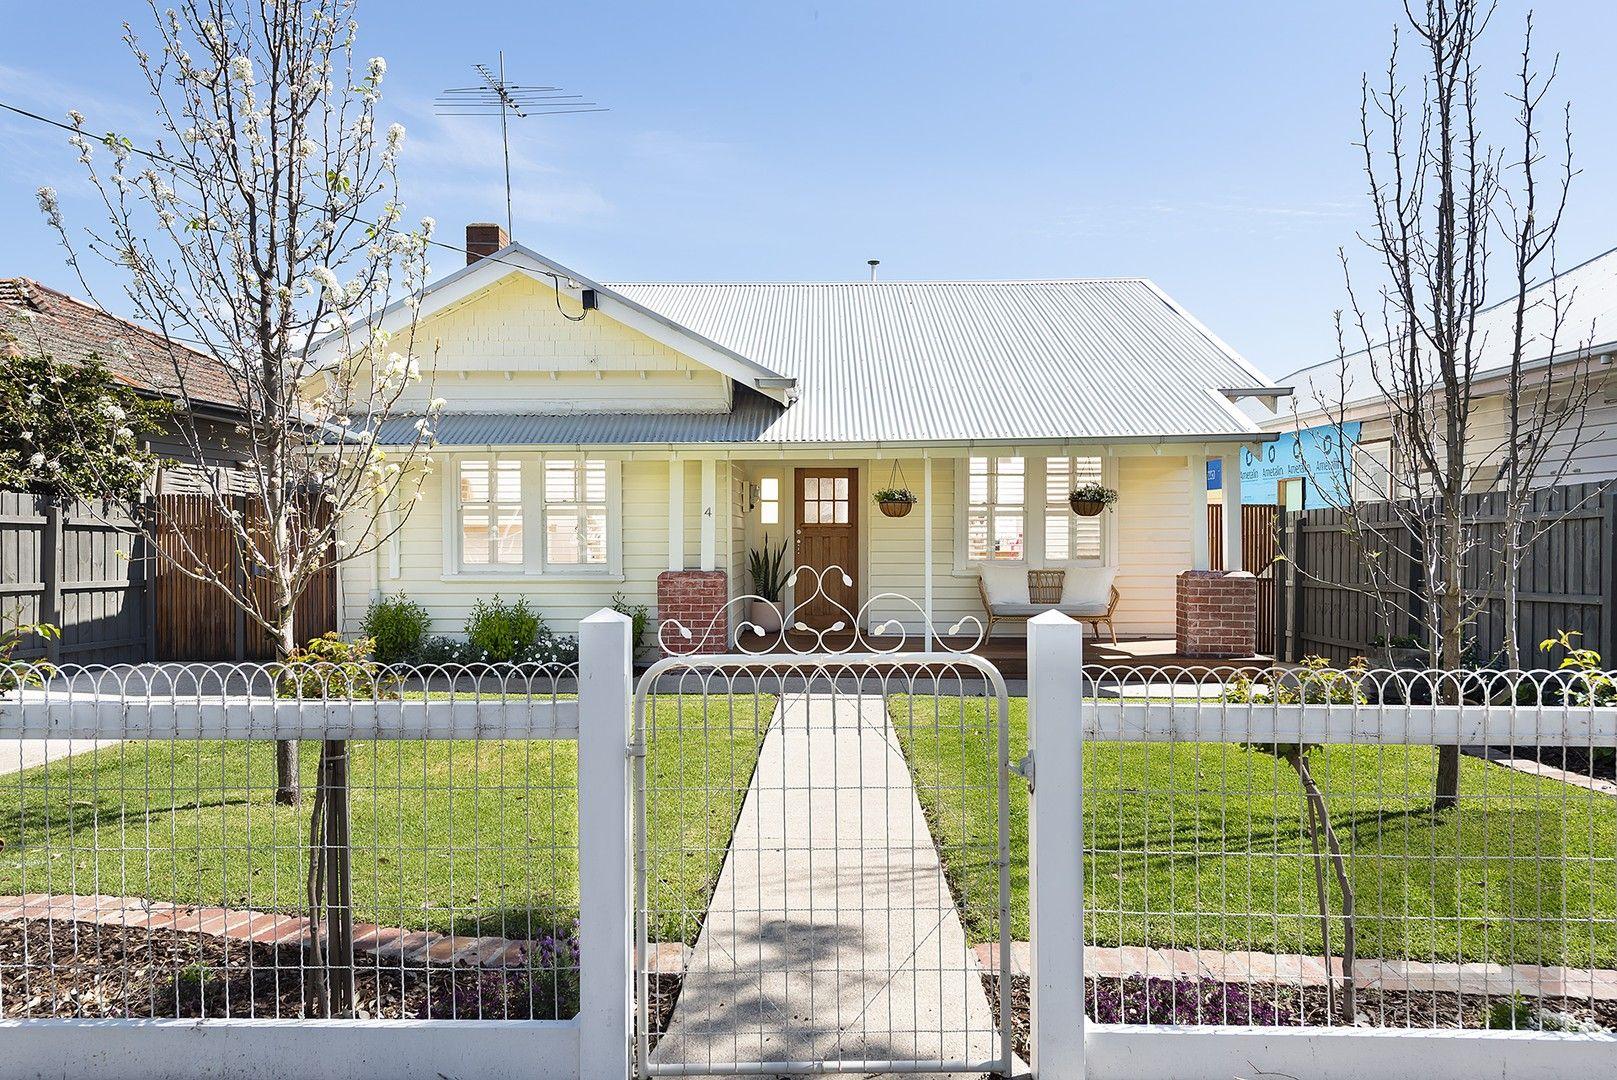 3 bedrooms House in 4 Govan Street FOOTSCRAY VIC, 3011